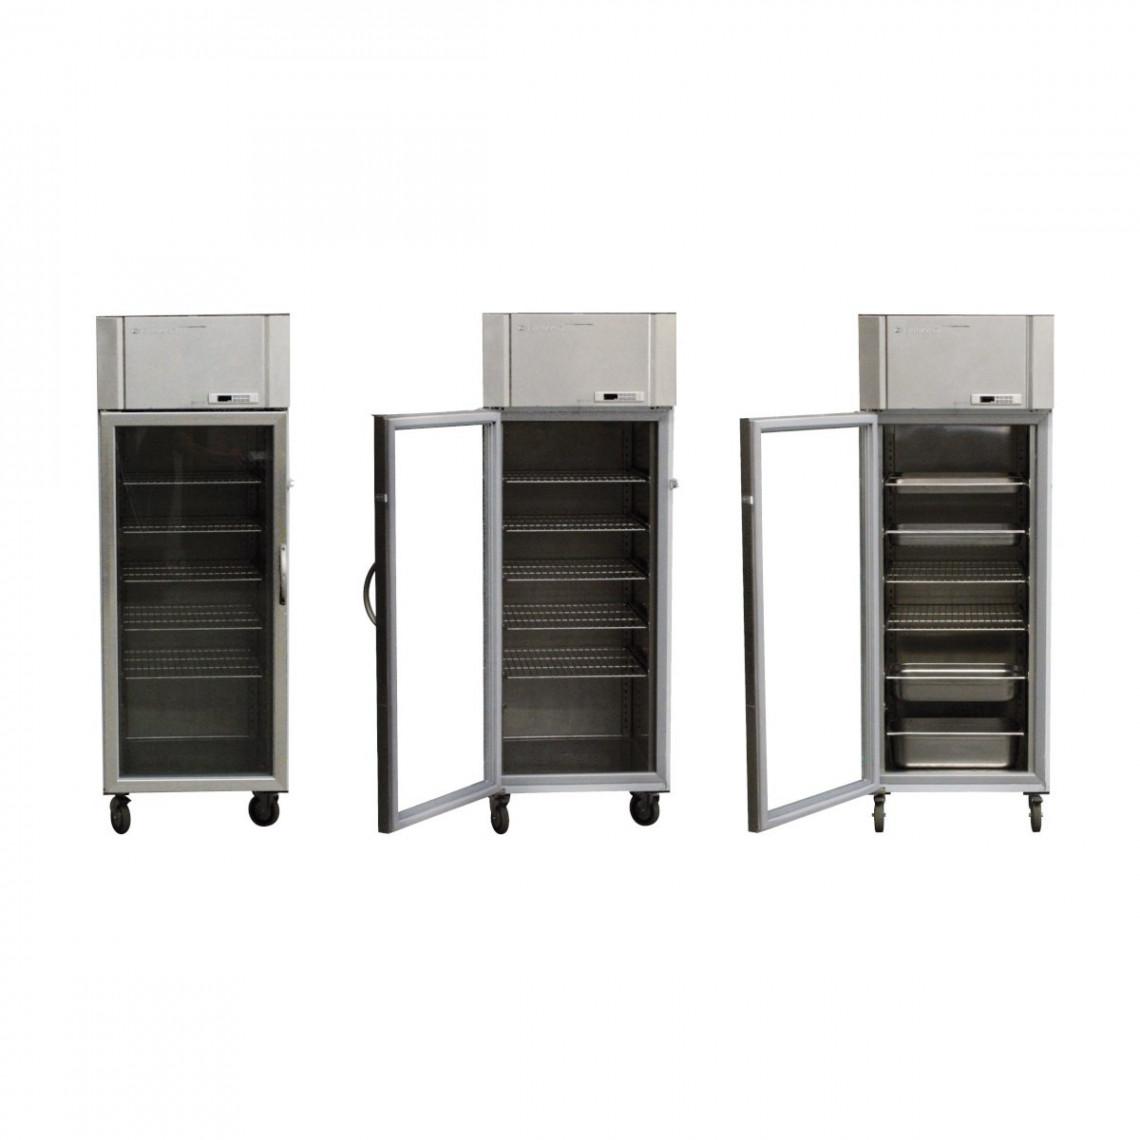 Réfrigérateur inox porte vitrée pour bac gastro (sans grilles)